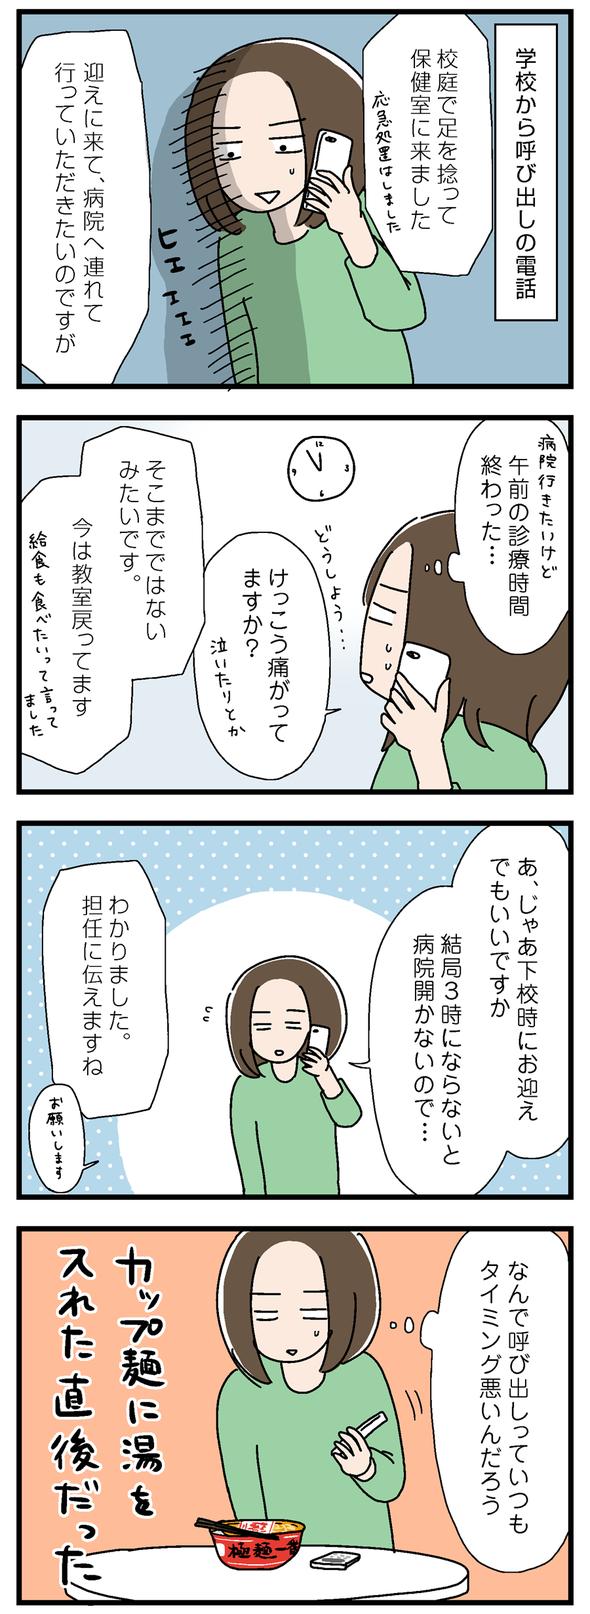 icchomae913